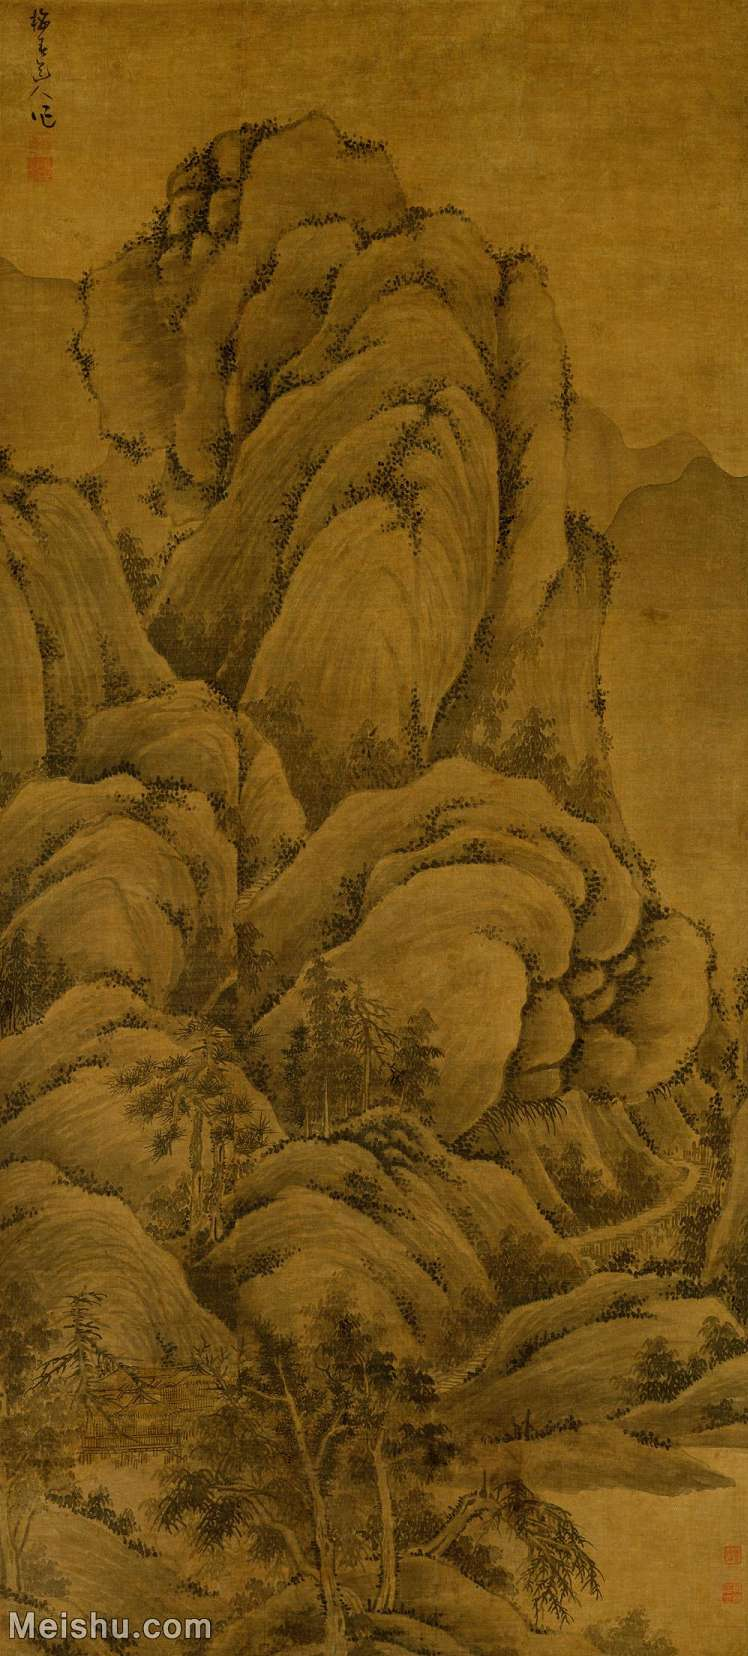 【超顶级】GH6088332古画山水风景溪山高隐图-元-吴镇-绢本-30x66.5-110x243-深山高山林立轴图片-